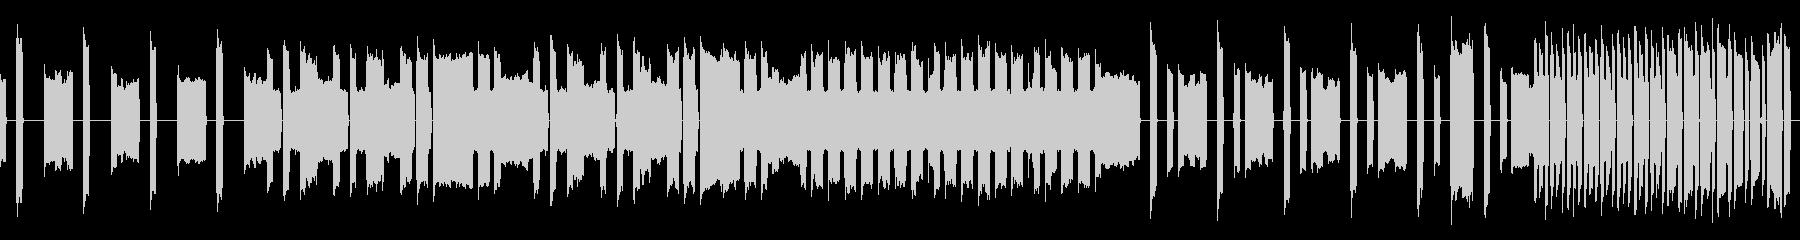 【ループ仕様】脱力系のチープな曲の未再生の波形